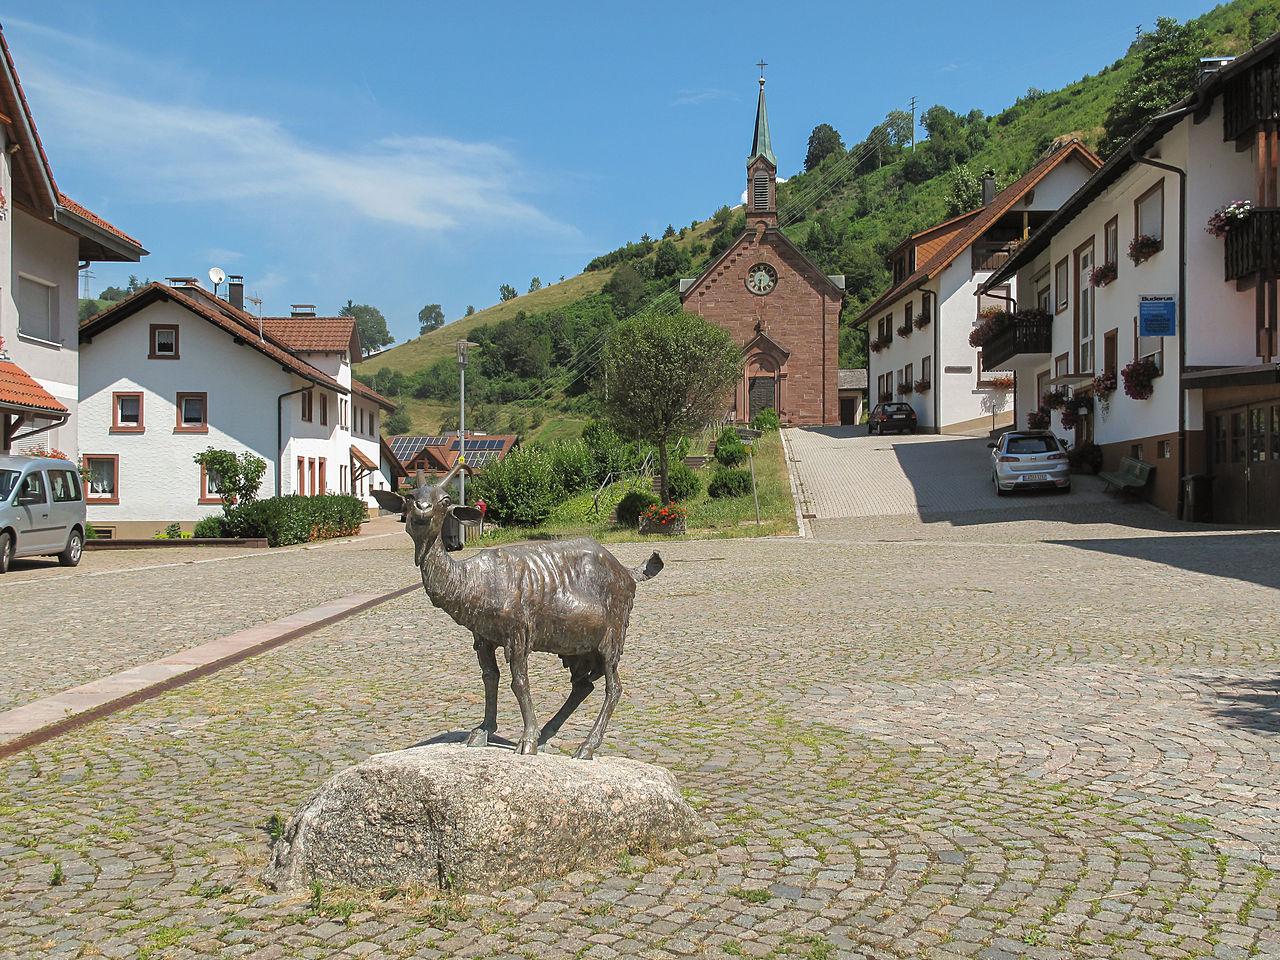 Dateimambach, Geit Met Maria Frieden Kapelle Foto1 2013